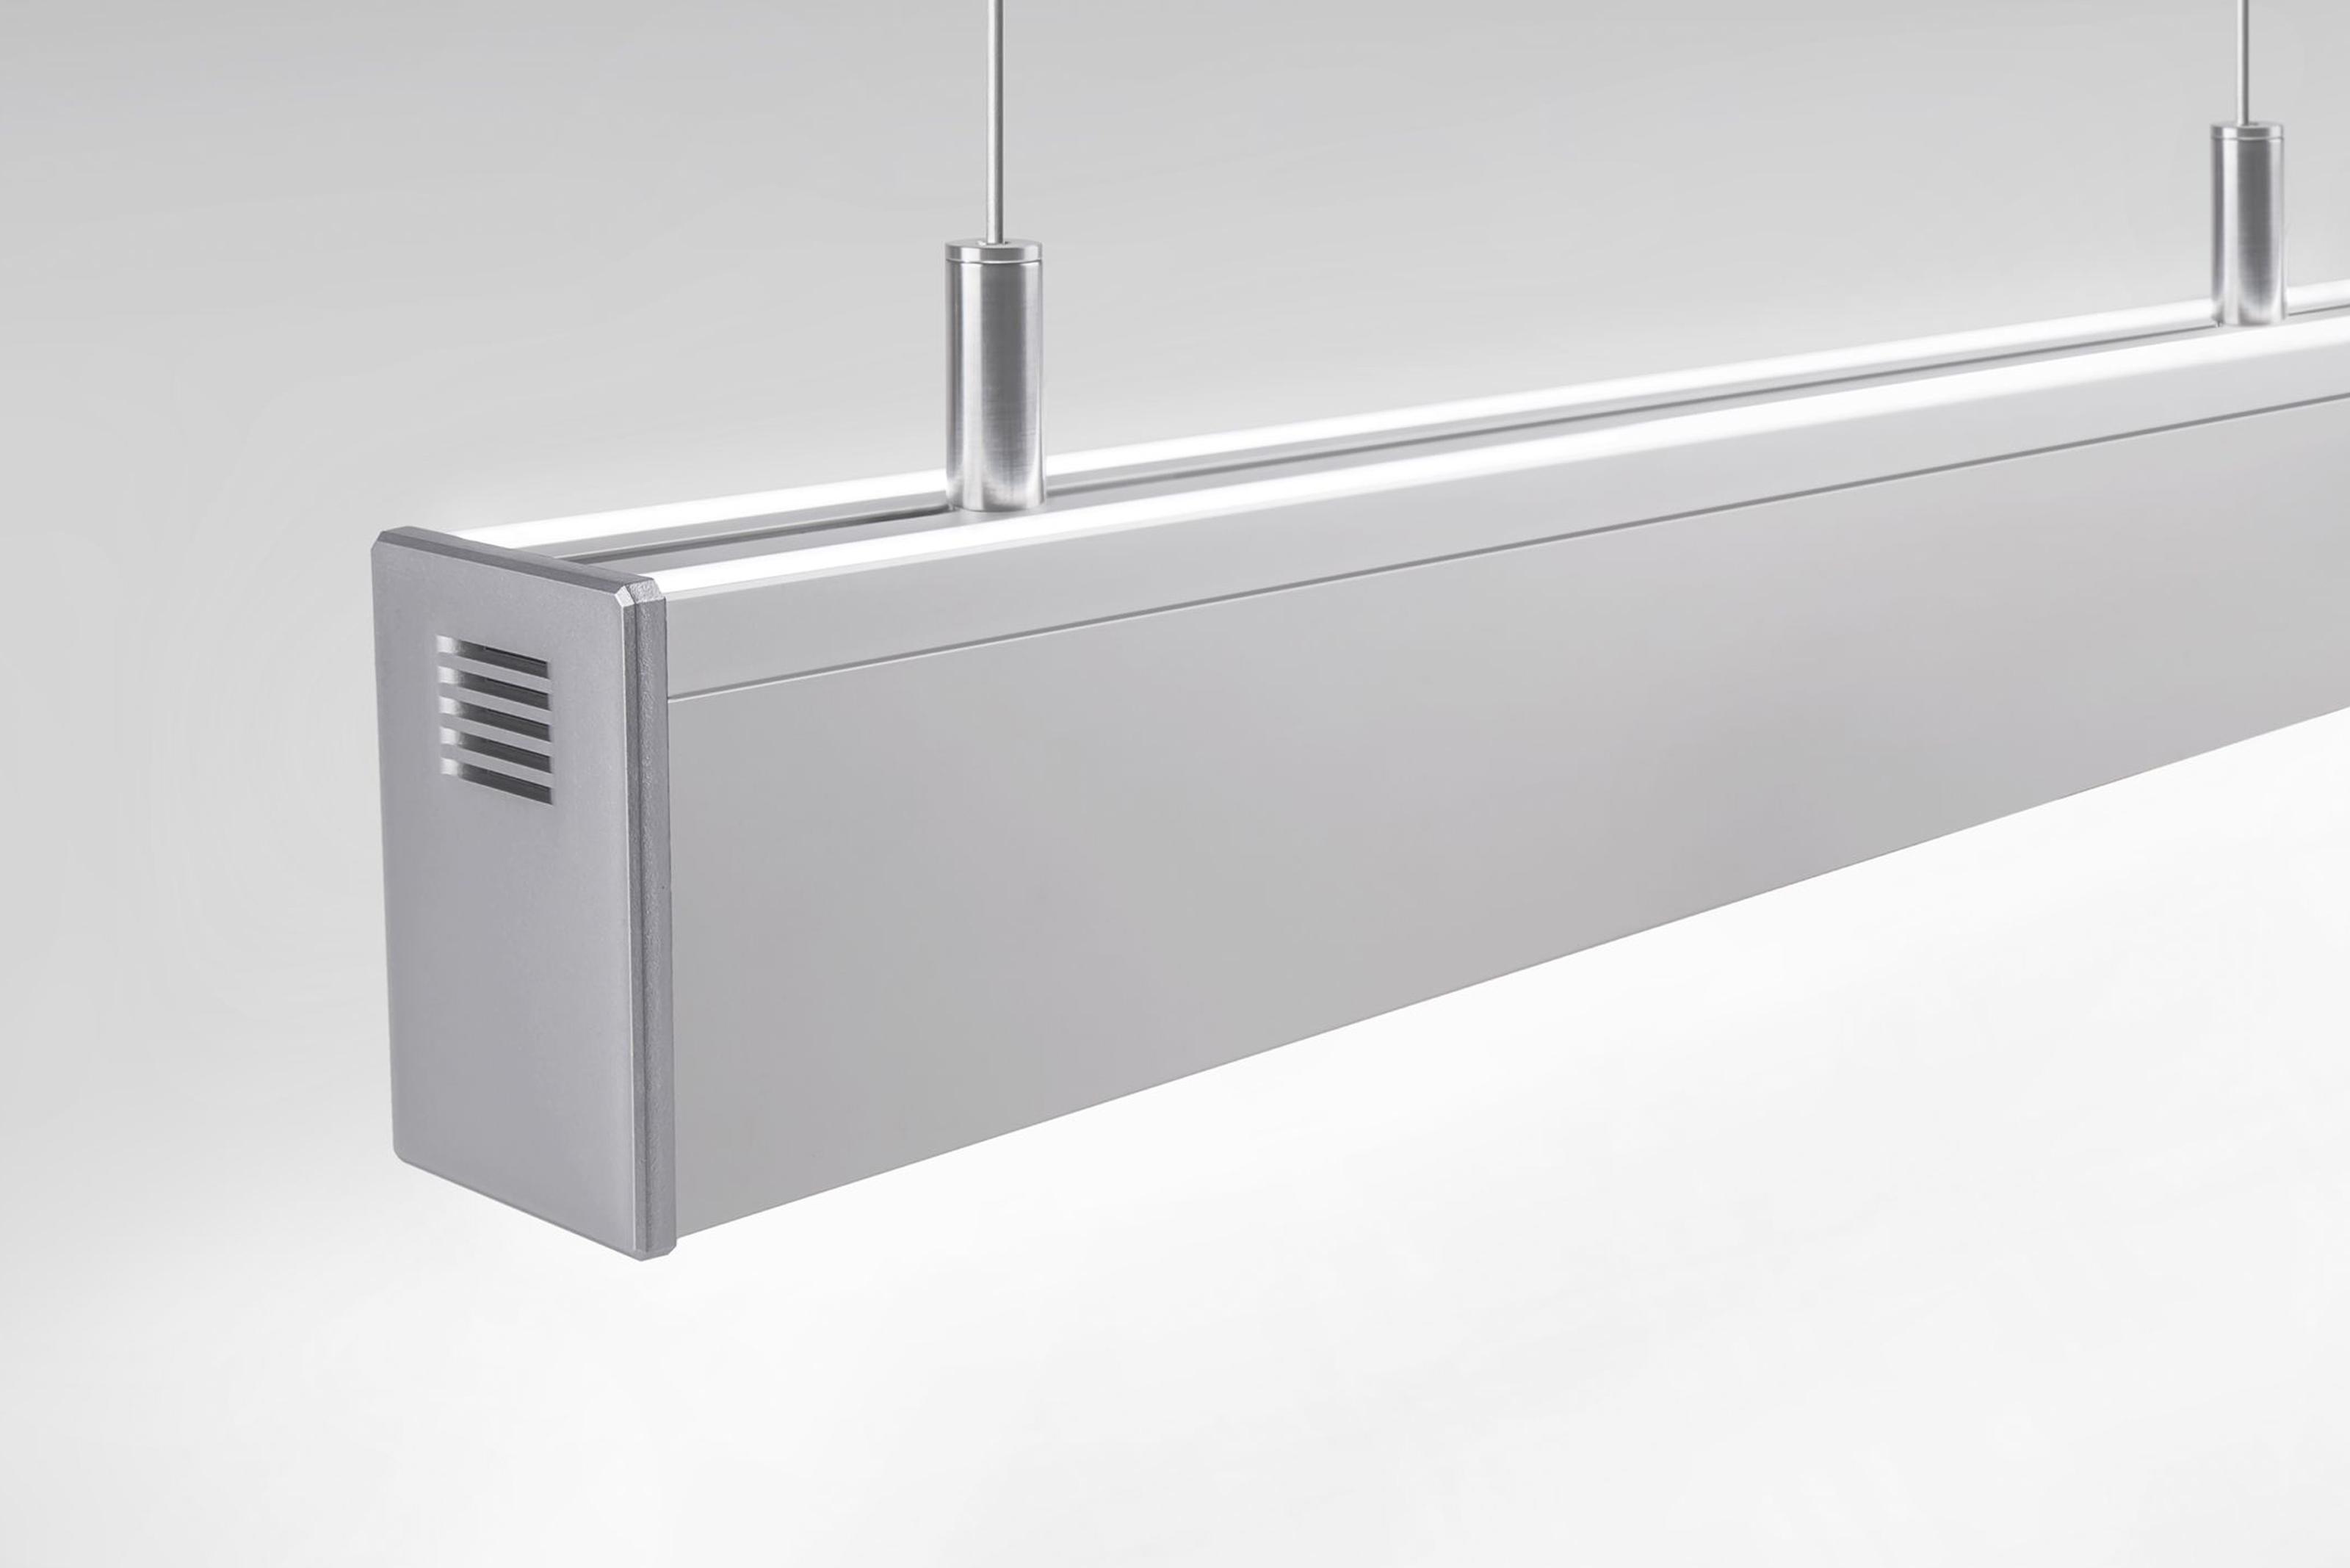 lightline-up-down-1-mj-lighting-v2